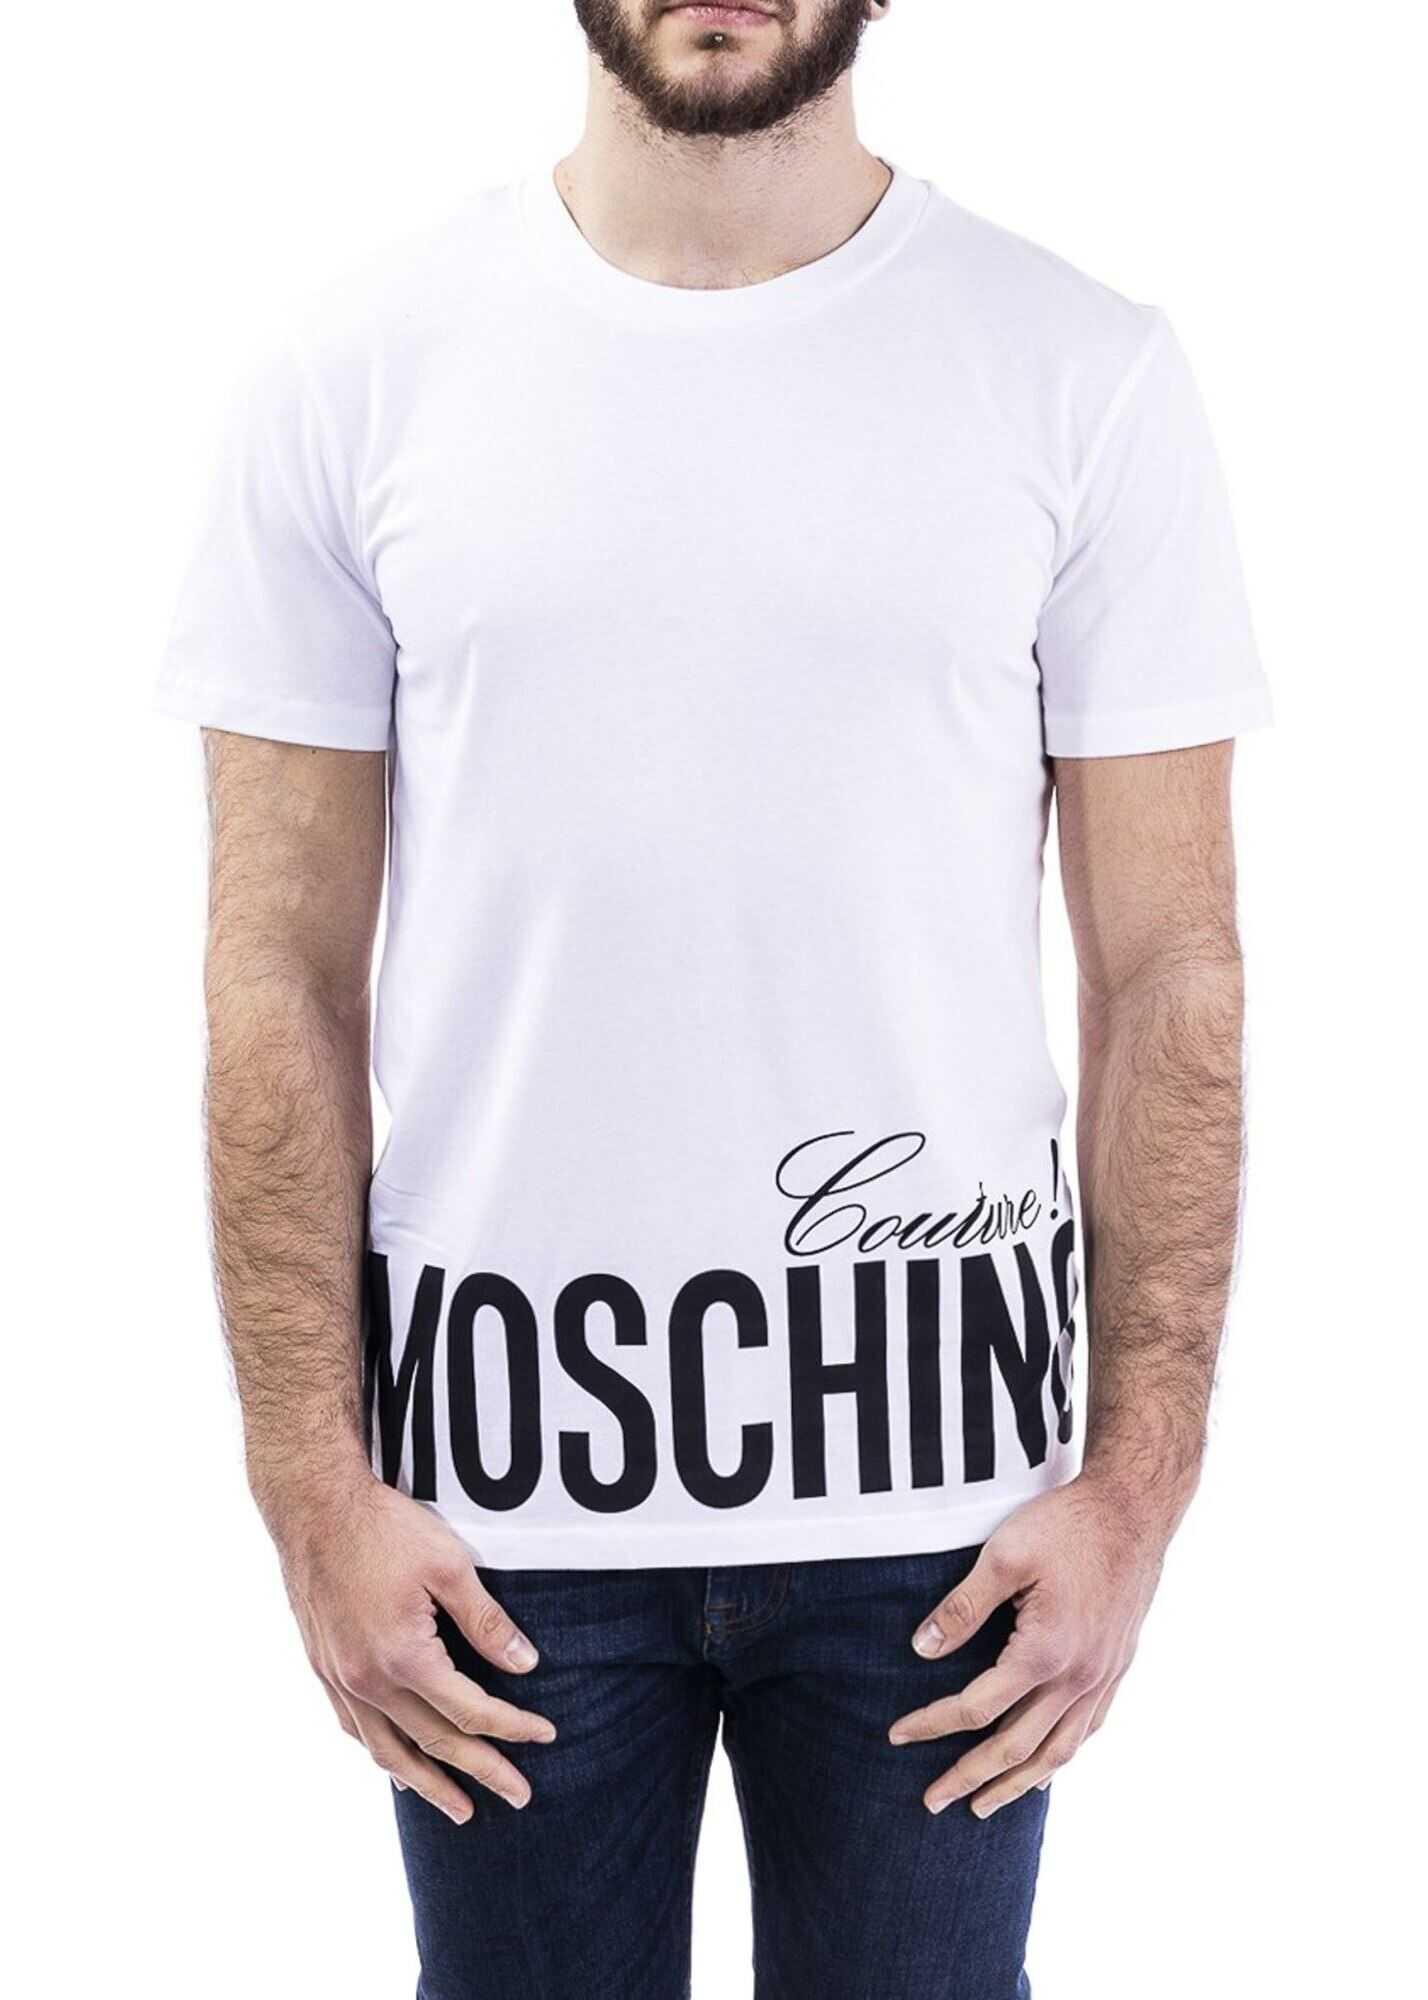 Moschino Moschino Couture Print T-Shirt White